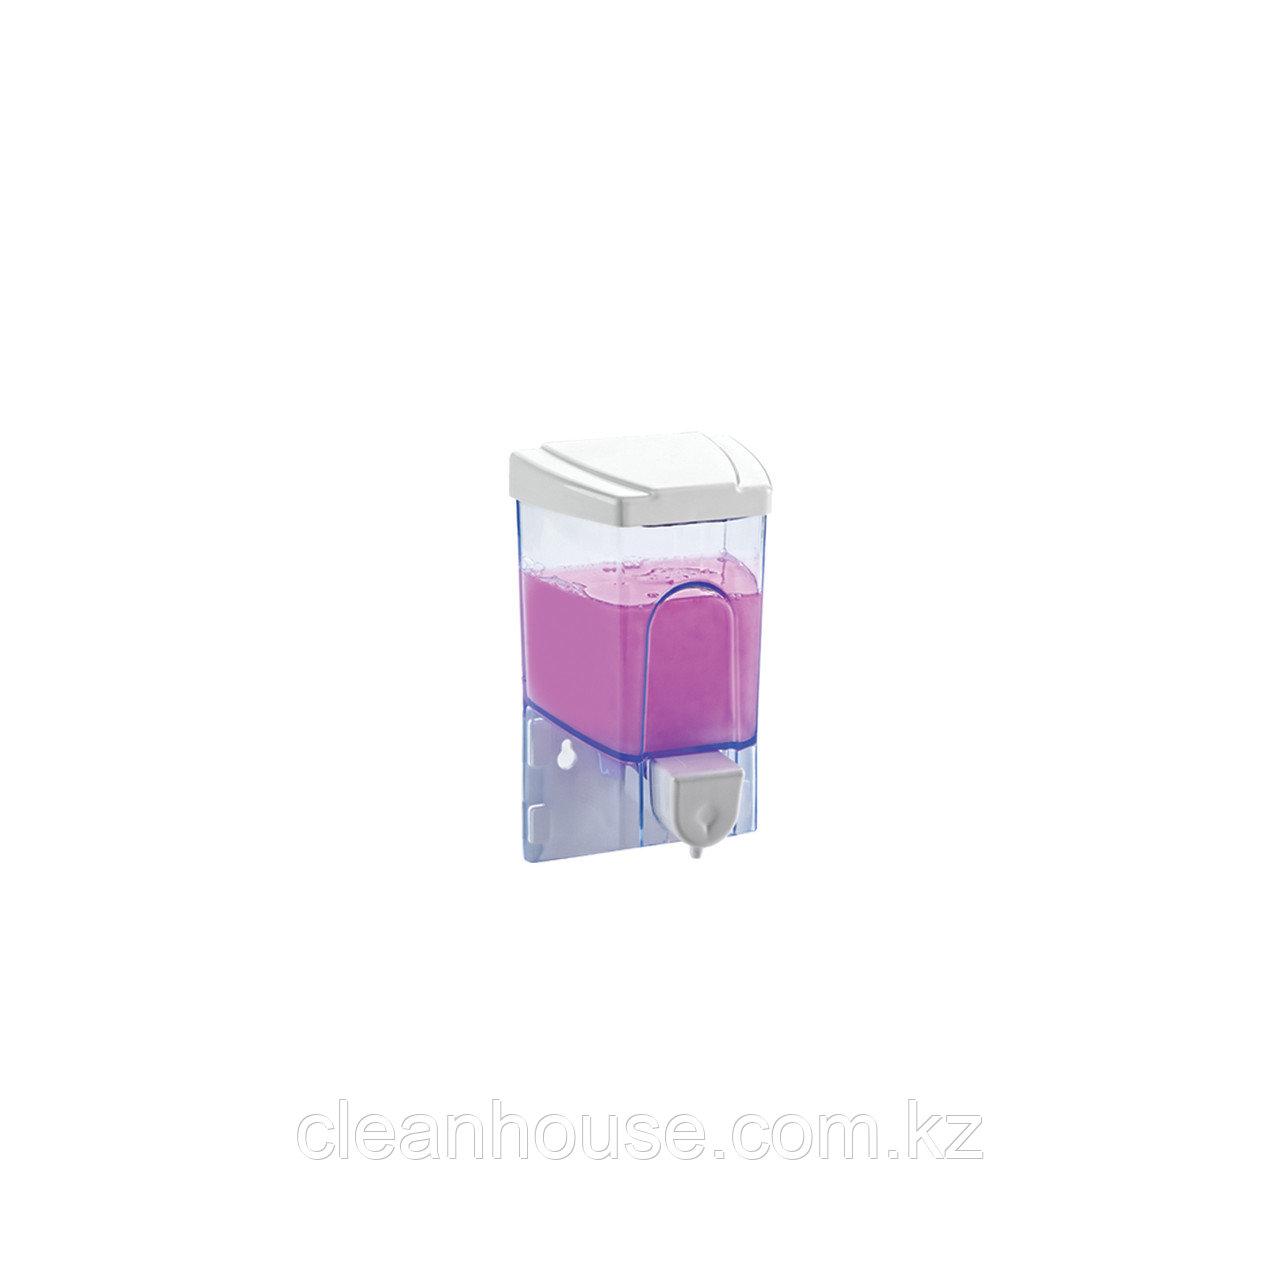 Диспенсер для жидкого мыла. 500 мл. (прозрачный)